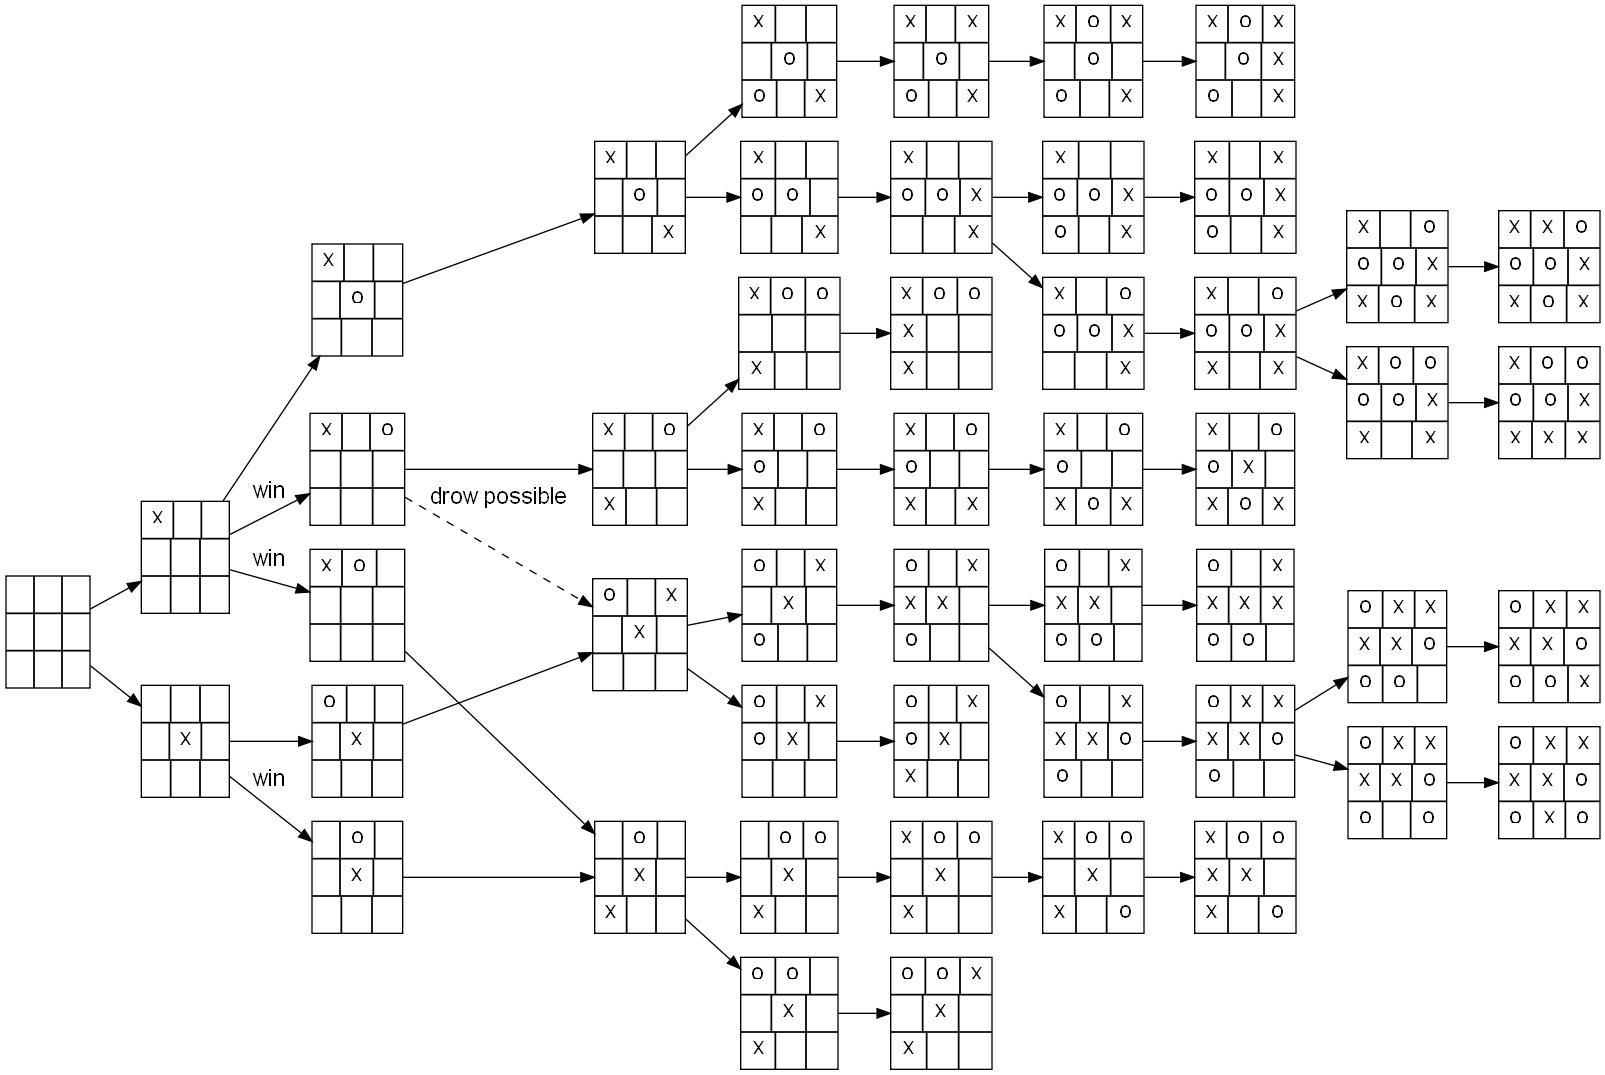 圖一、圈圈叉叉的樹狀圖示意圖。我們能發現其中有幾條是必勝的策略。(source: wikimedia)